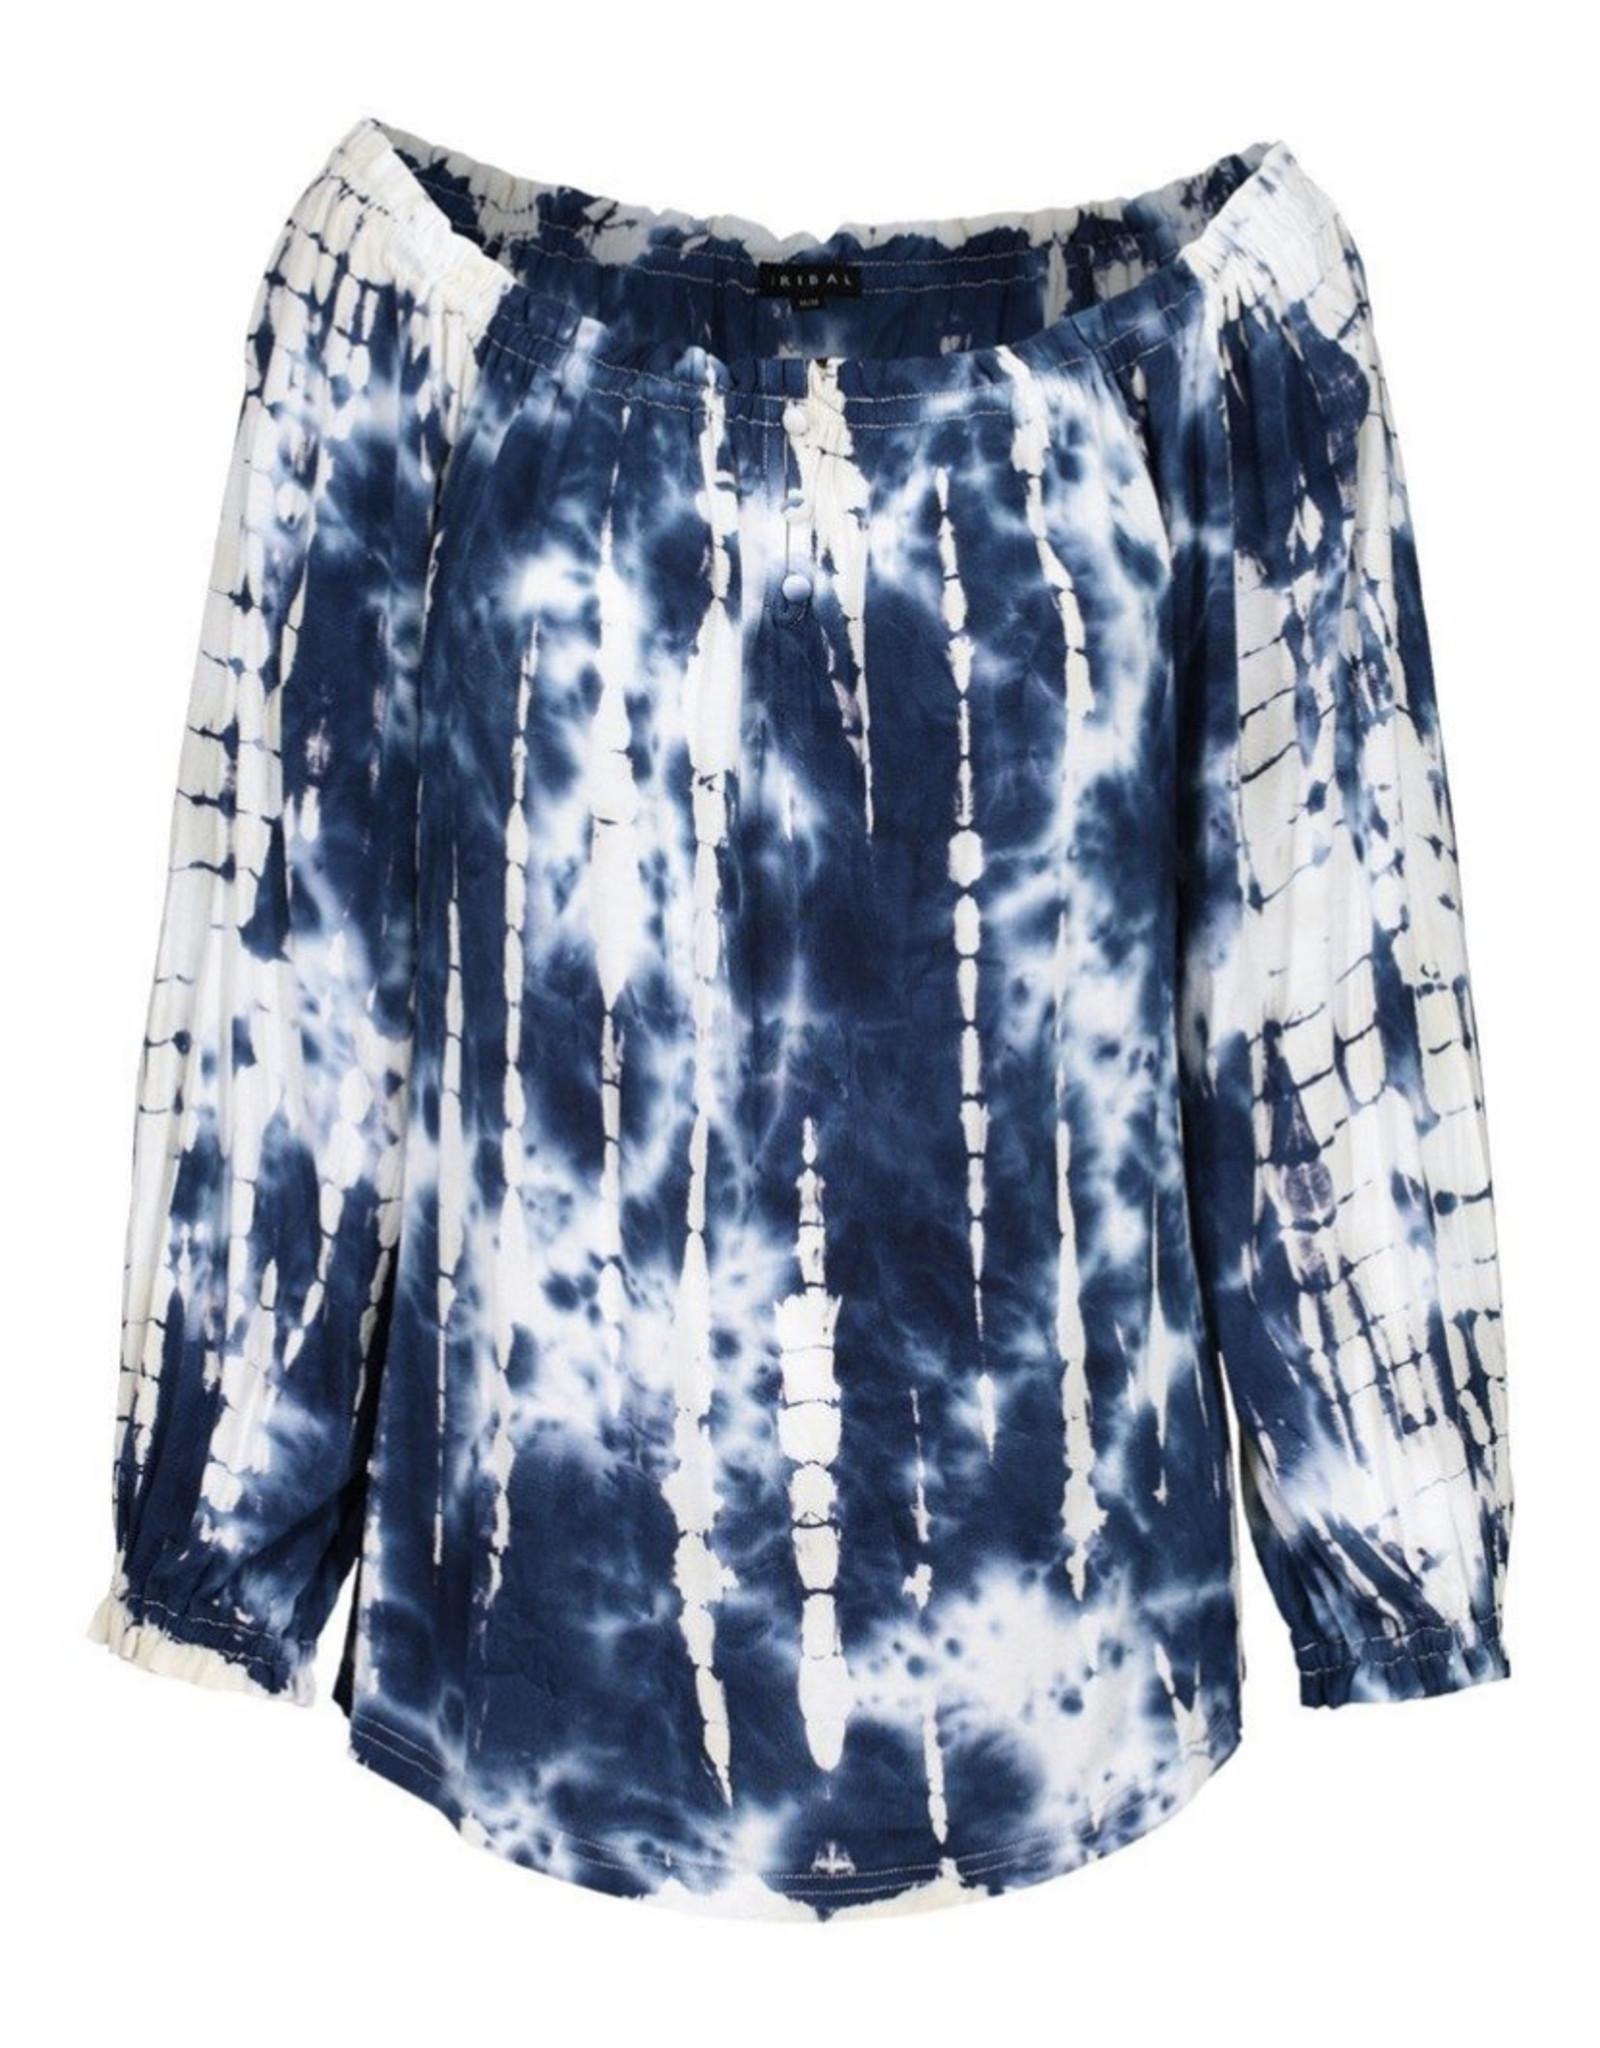 3/4 sleeve peasant top tie dye